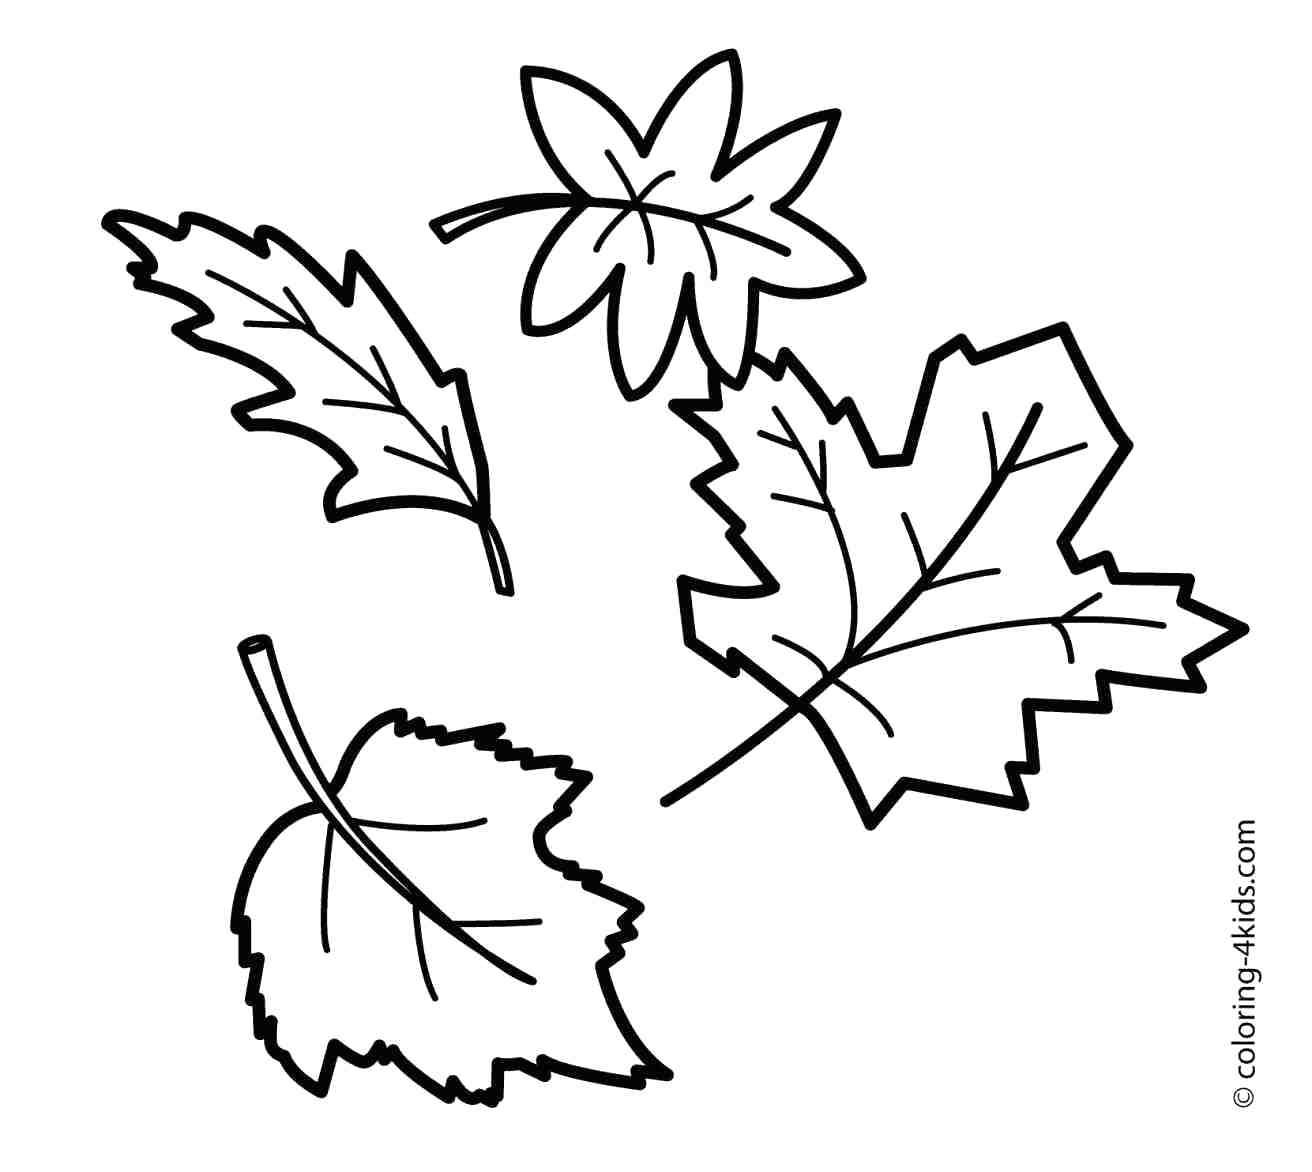 Leaf Outline Images | Free download on ClipArtMag